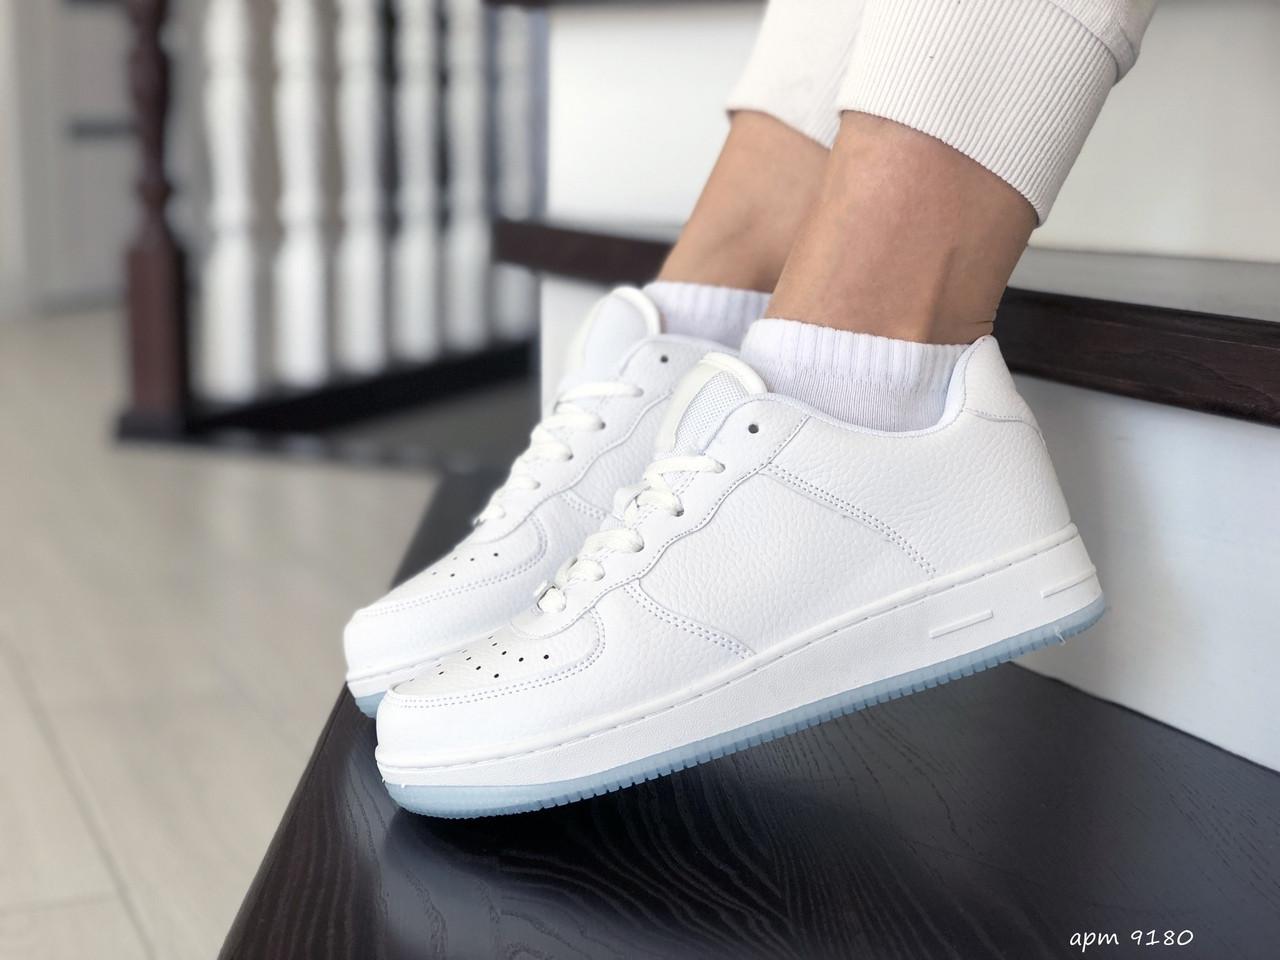 Женские кожаные кроссовки Force (белые) 9180